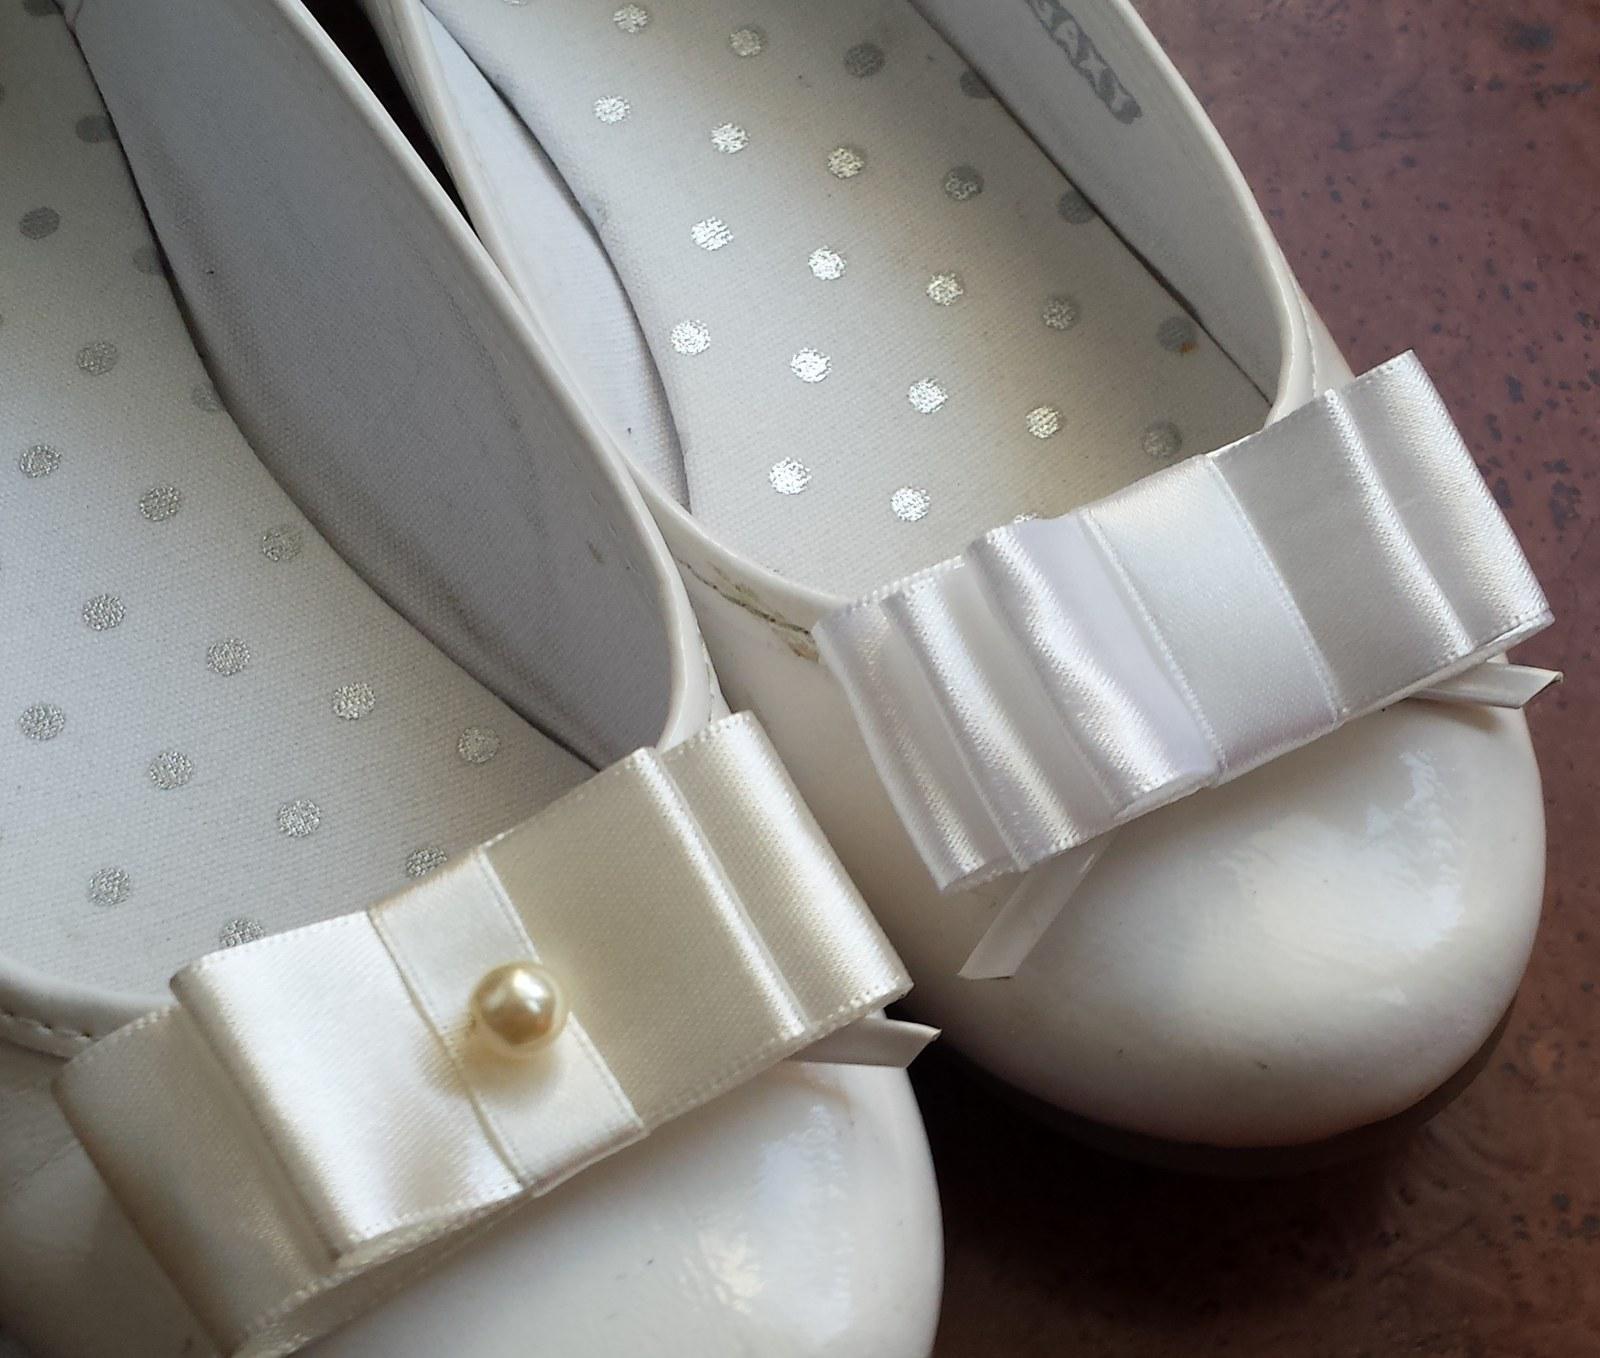 Klipy na boty pro nevěstu s mašličkou - Obrázek č. 1